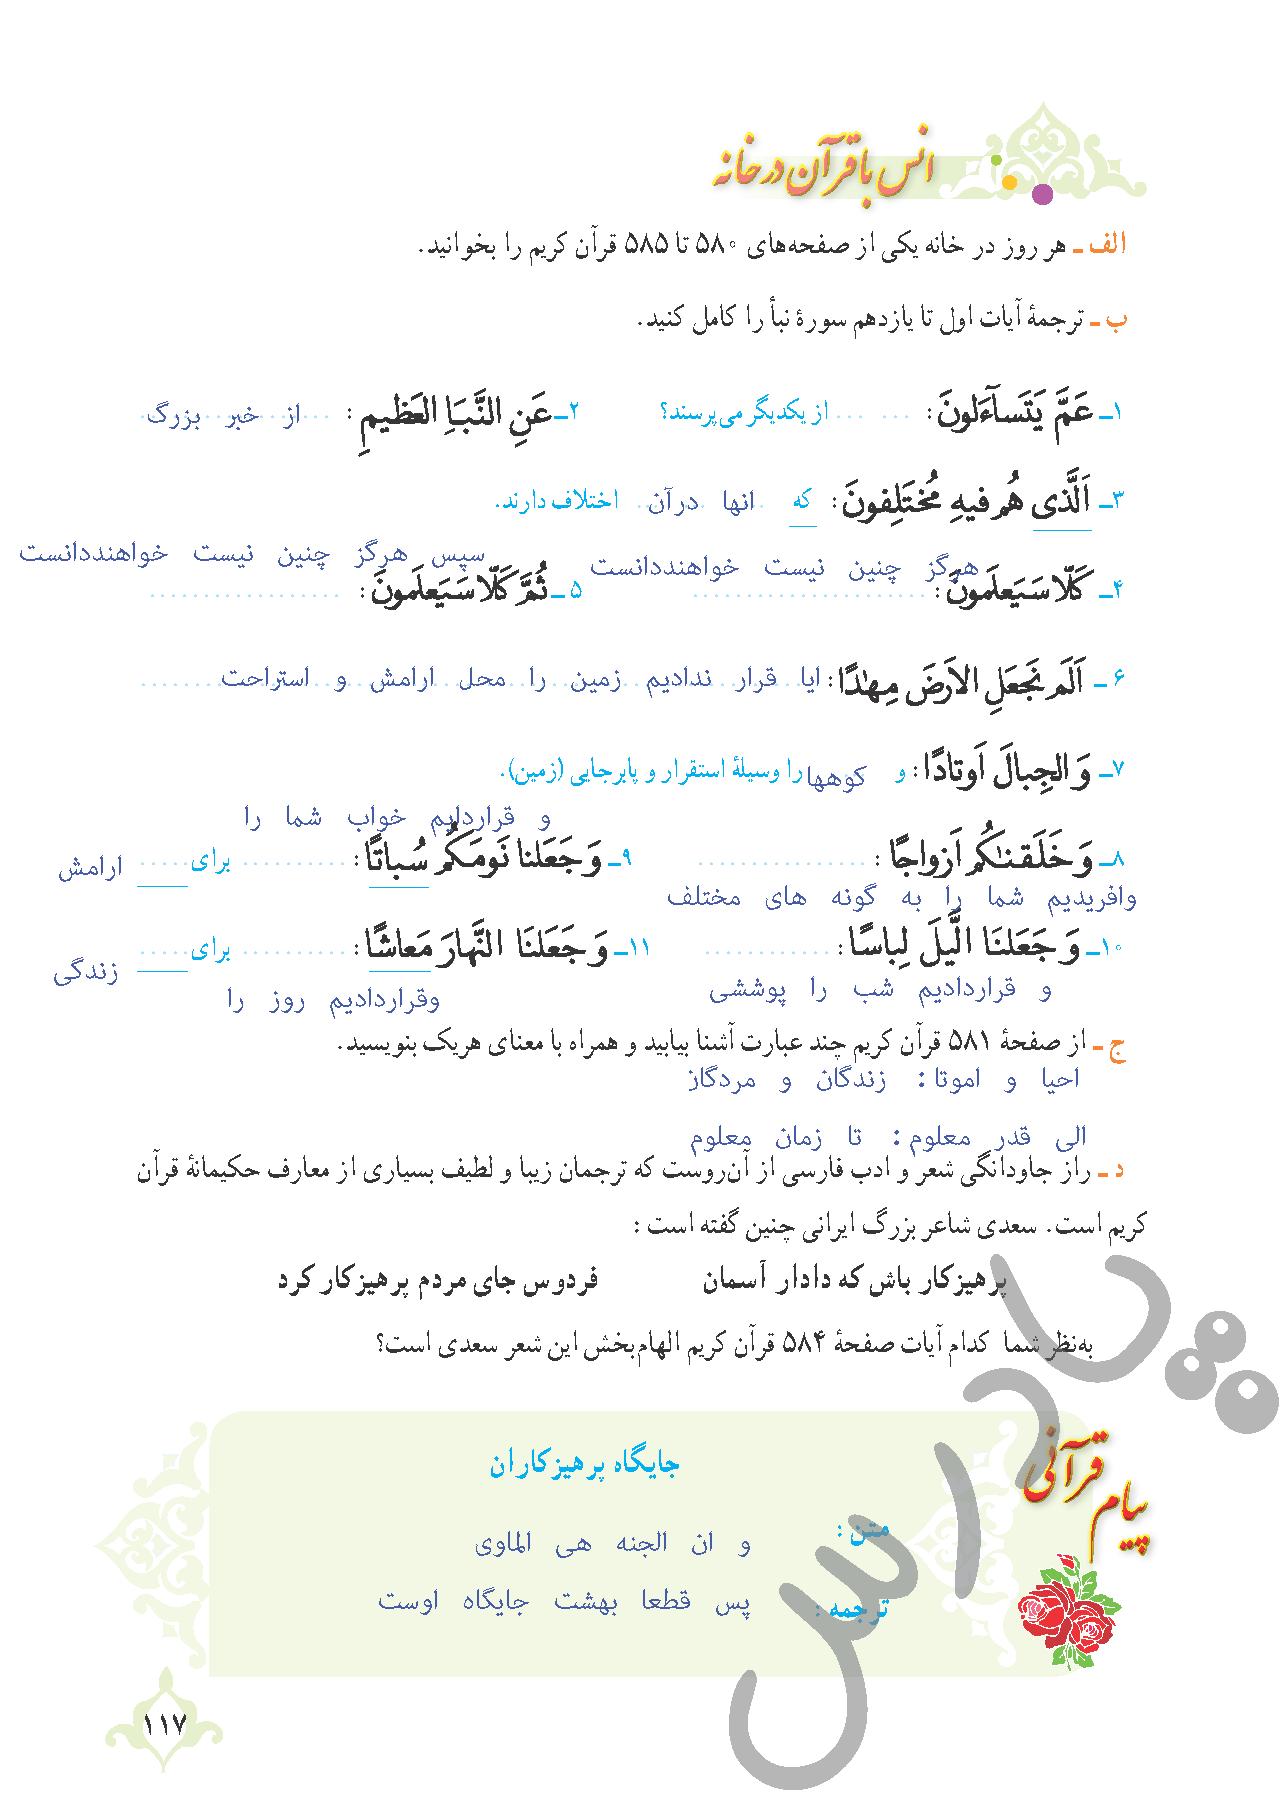 جواب انس با قرآن درس11 قرآن نهم بخش اول